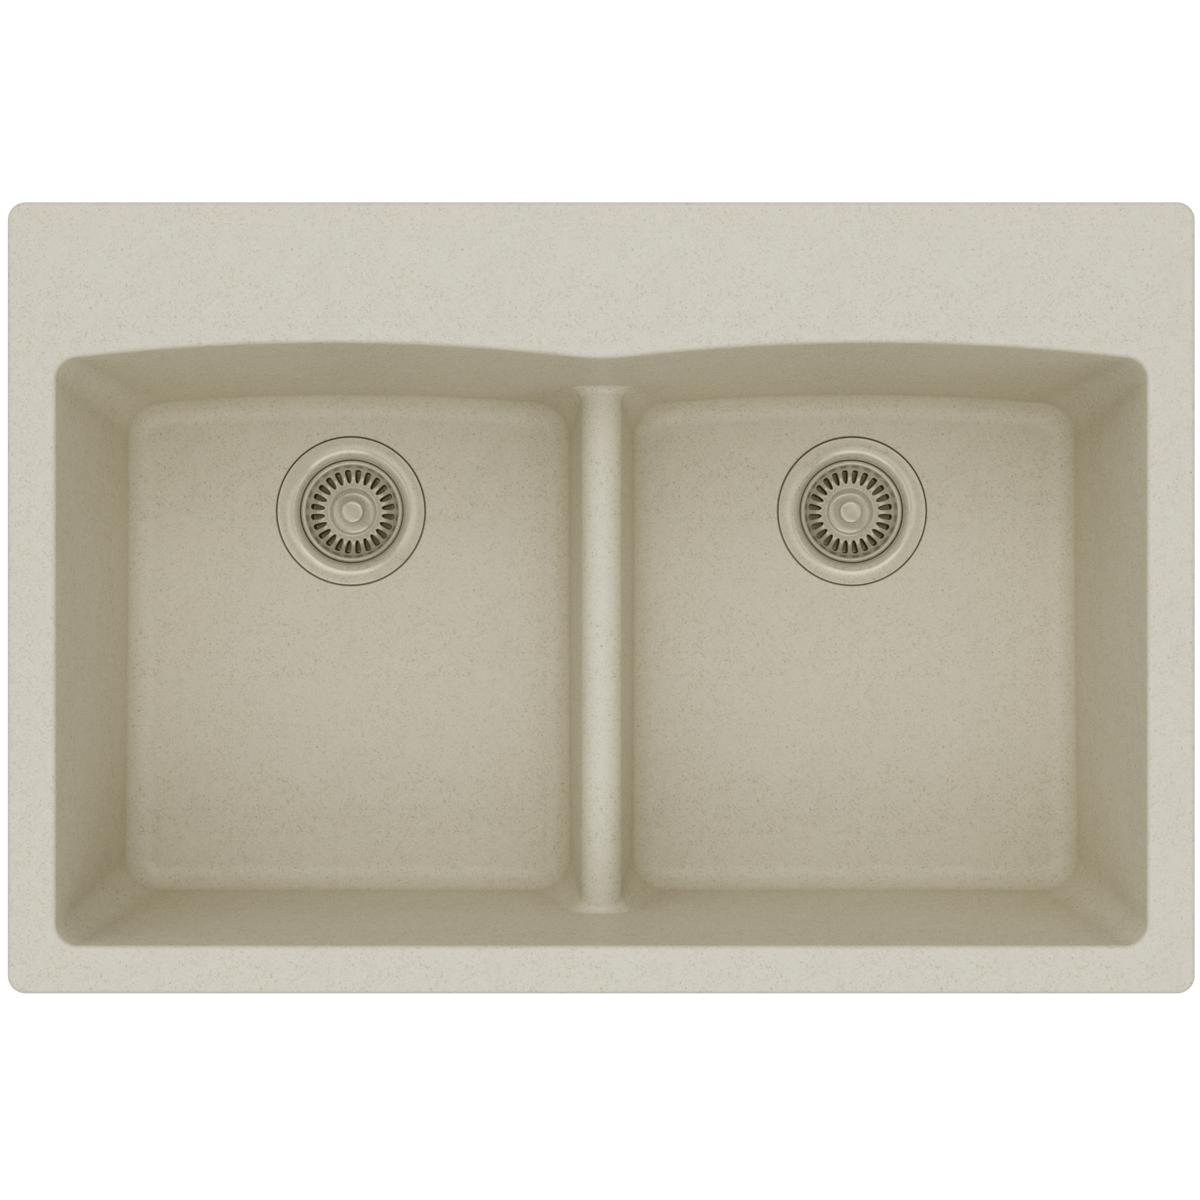 Elkay Quartz Classic ELGDLB3322BQ0 Bisque Equal Double Bowl Drop In-Sink with Aqua Divide